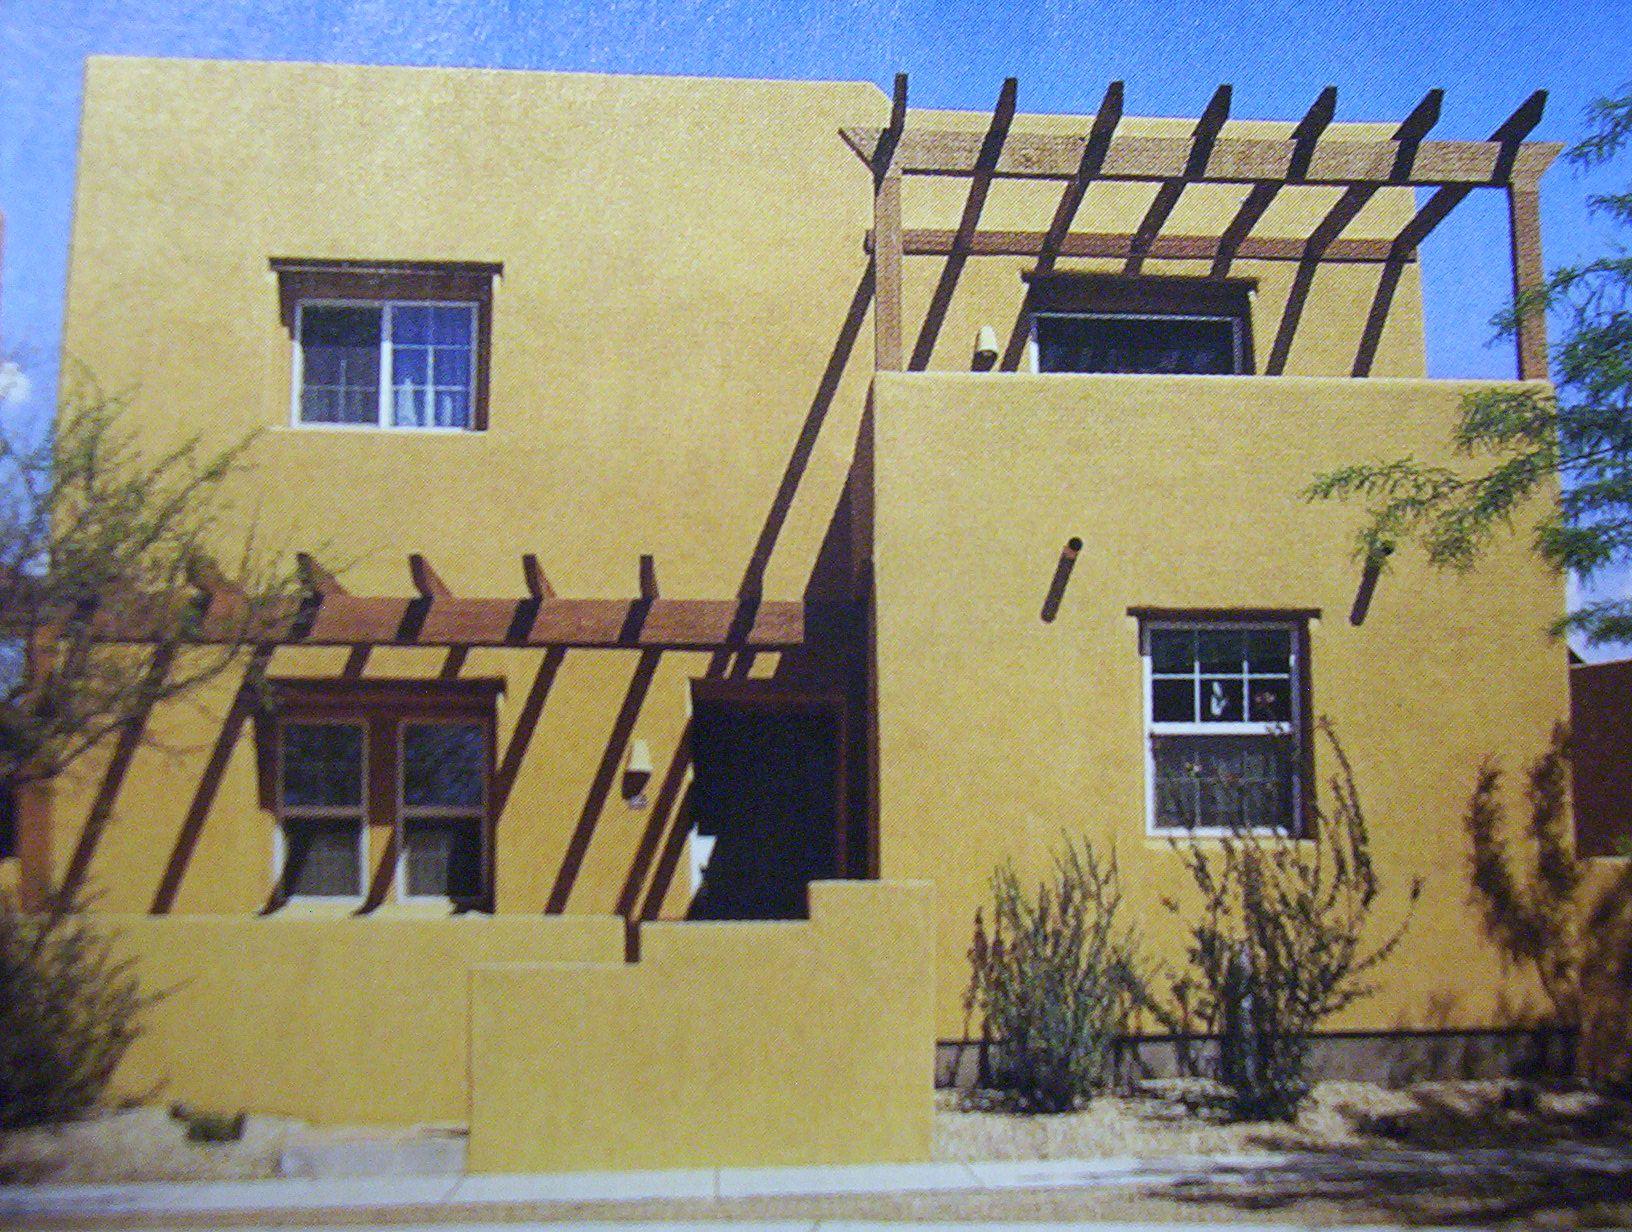 ECO FRIENDLY Architecture ~ Adobe Style Home Design